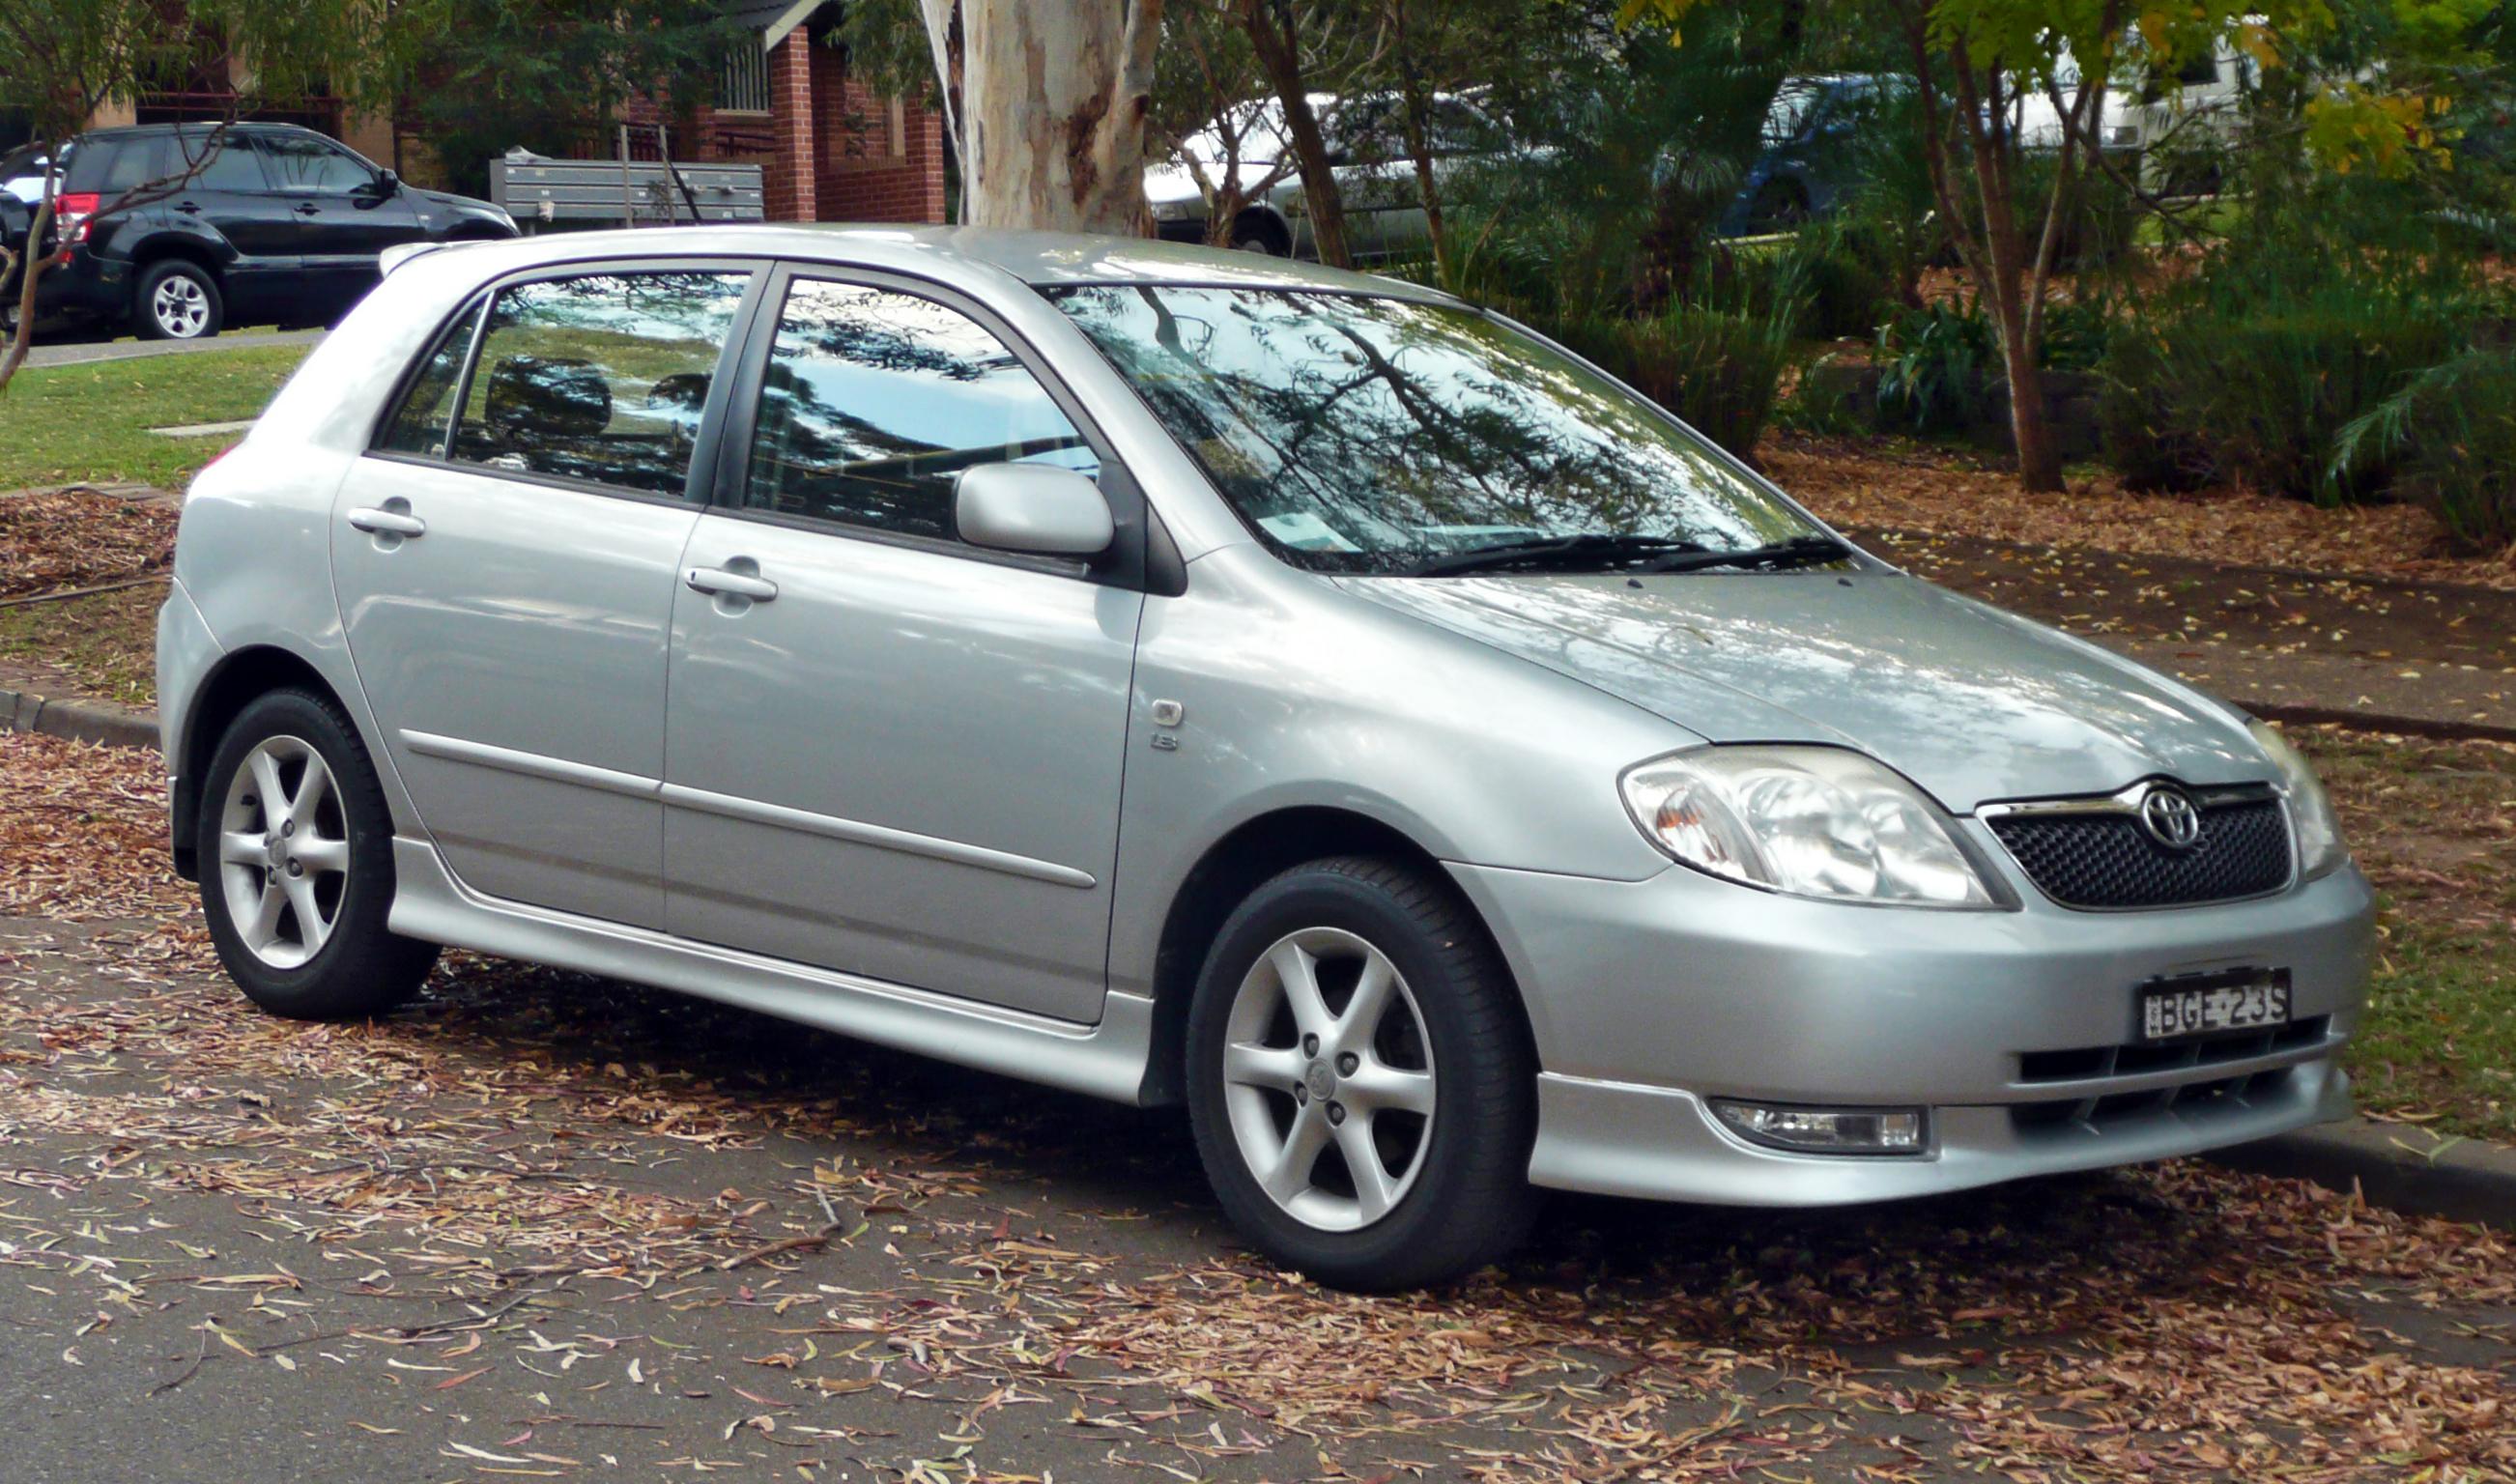 Toyota Corolla IX (E120, E130) 2001 - 2004 Hatchback 5 door #3